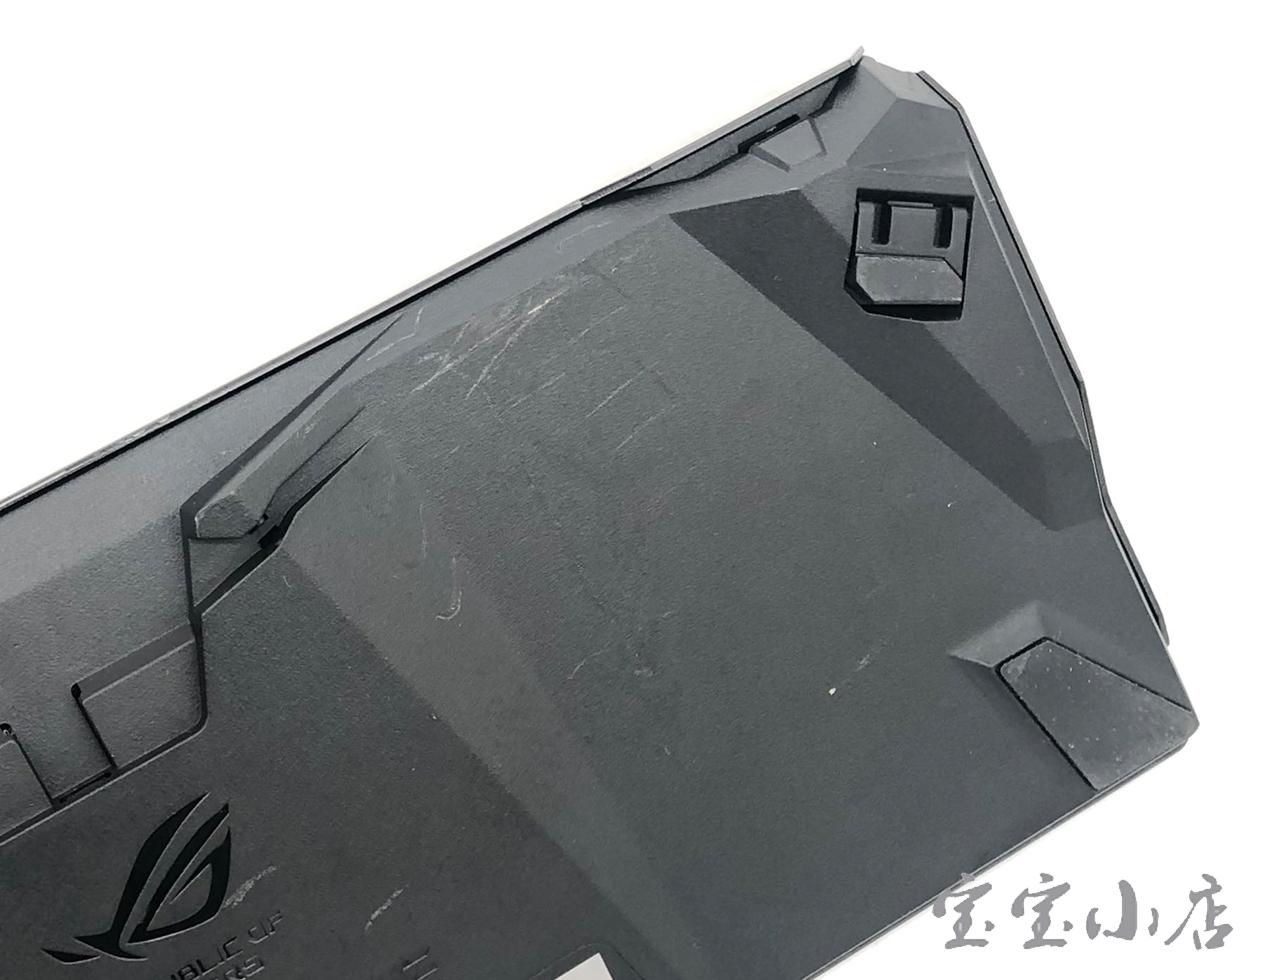 新到货Asus/华硕ROG Claymore Core玩家国度机械游戏分离式RGB电竞机械键盘